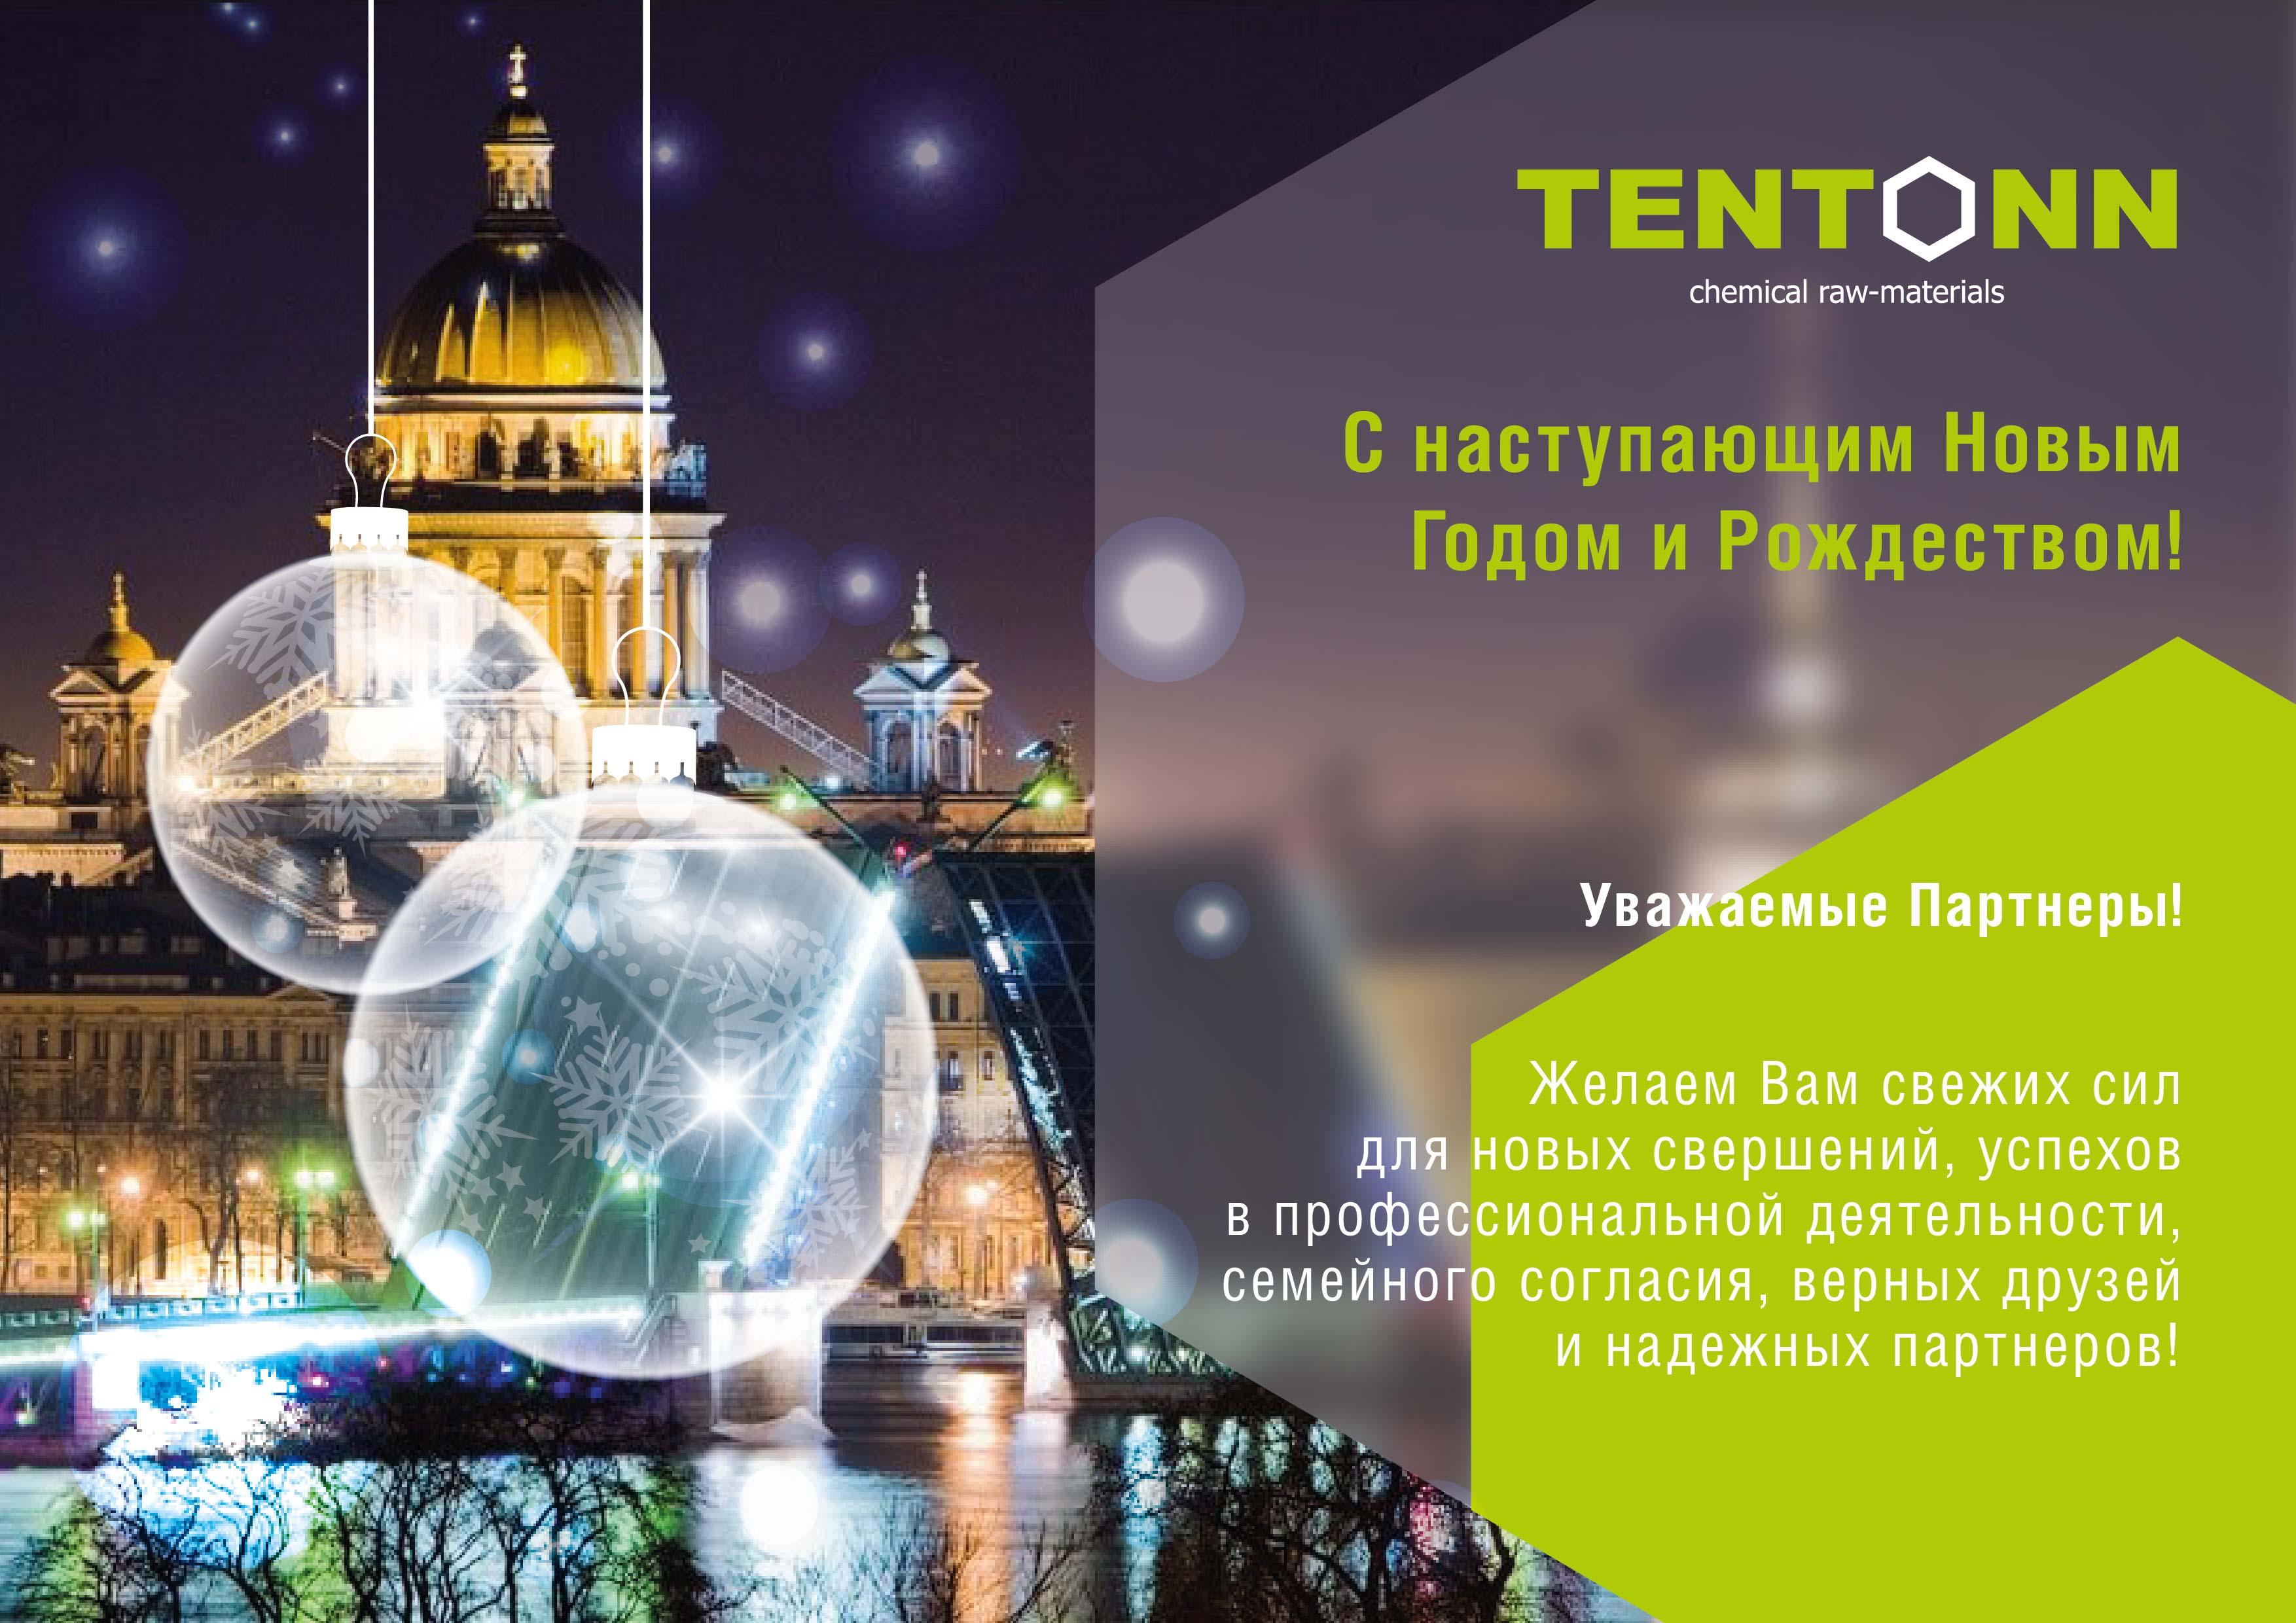 TENTONN поздравляет с наступающим Новым Годом!